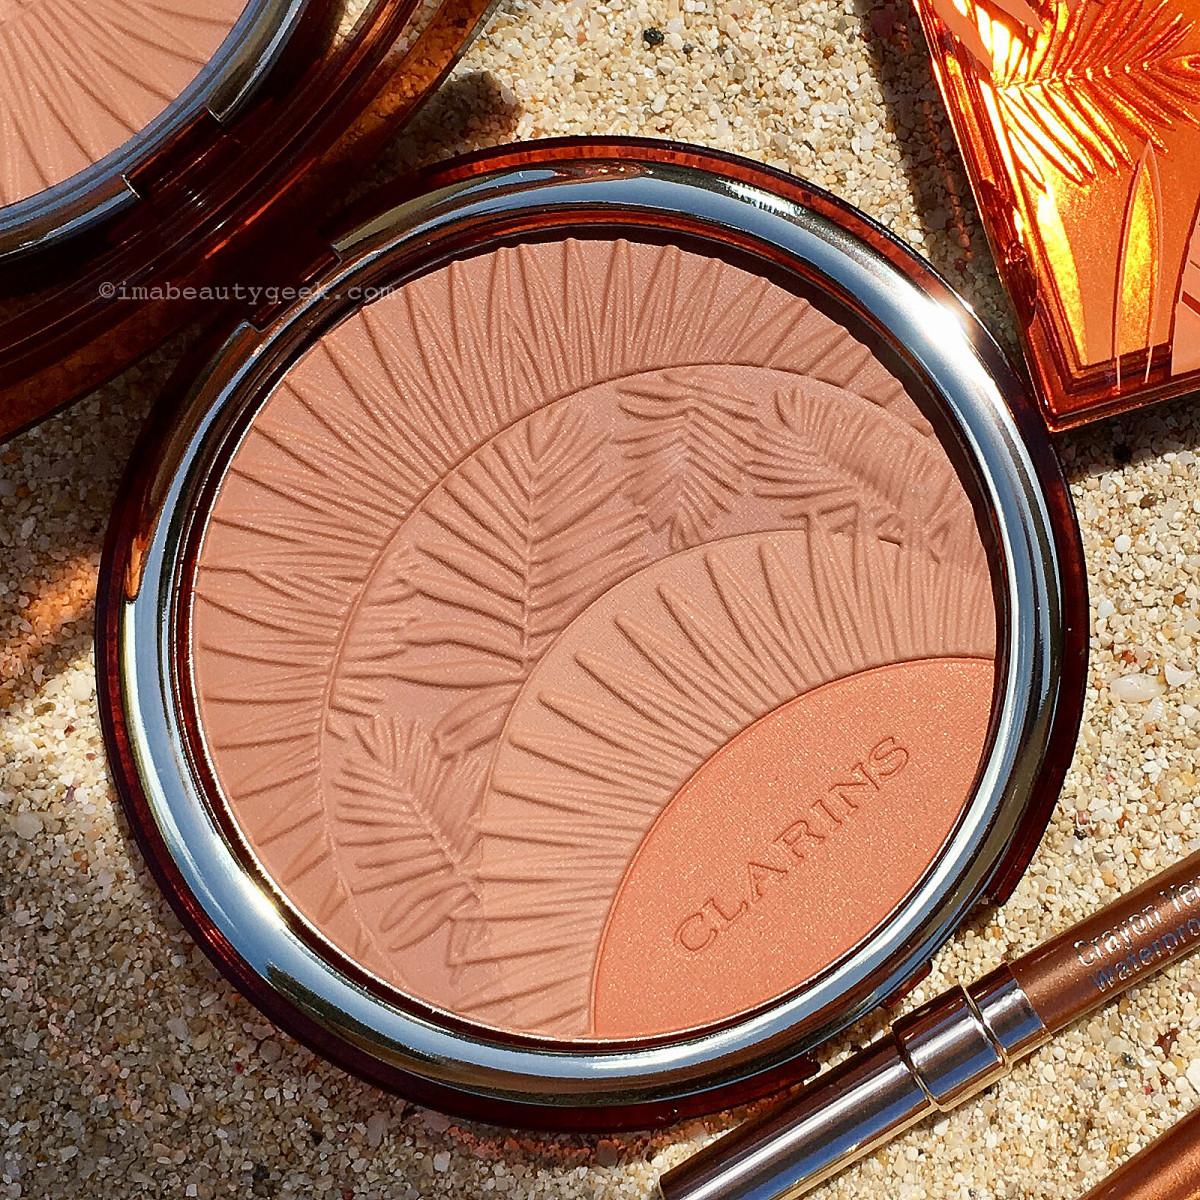 Clarins Summer 2017 Bronzer & Blush compact